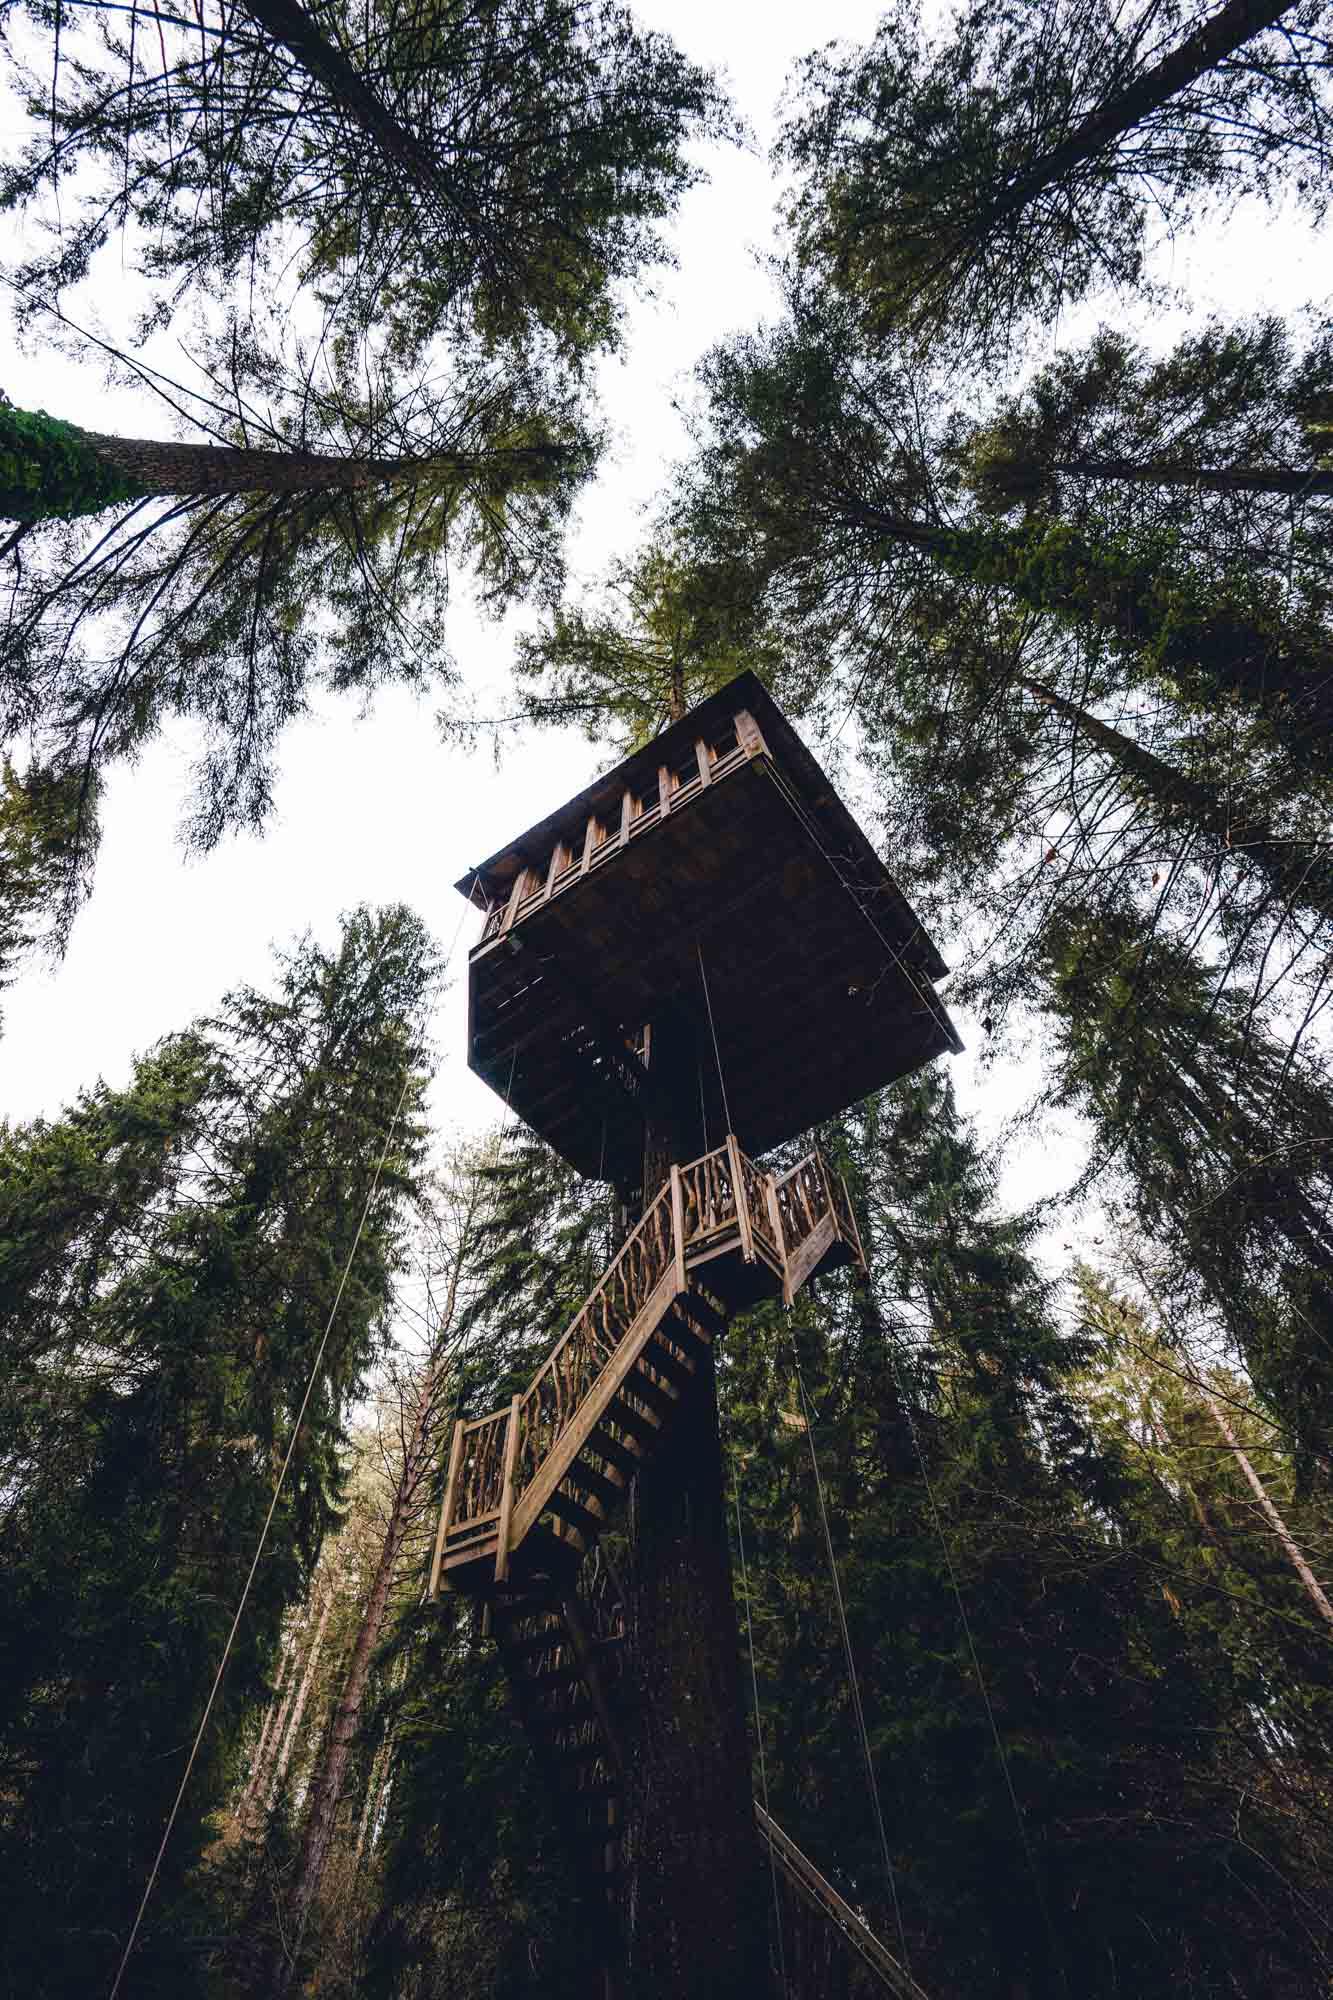 Casa del arbol en bosque - Linzex